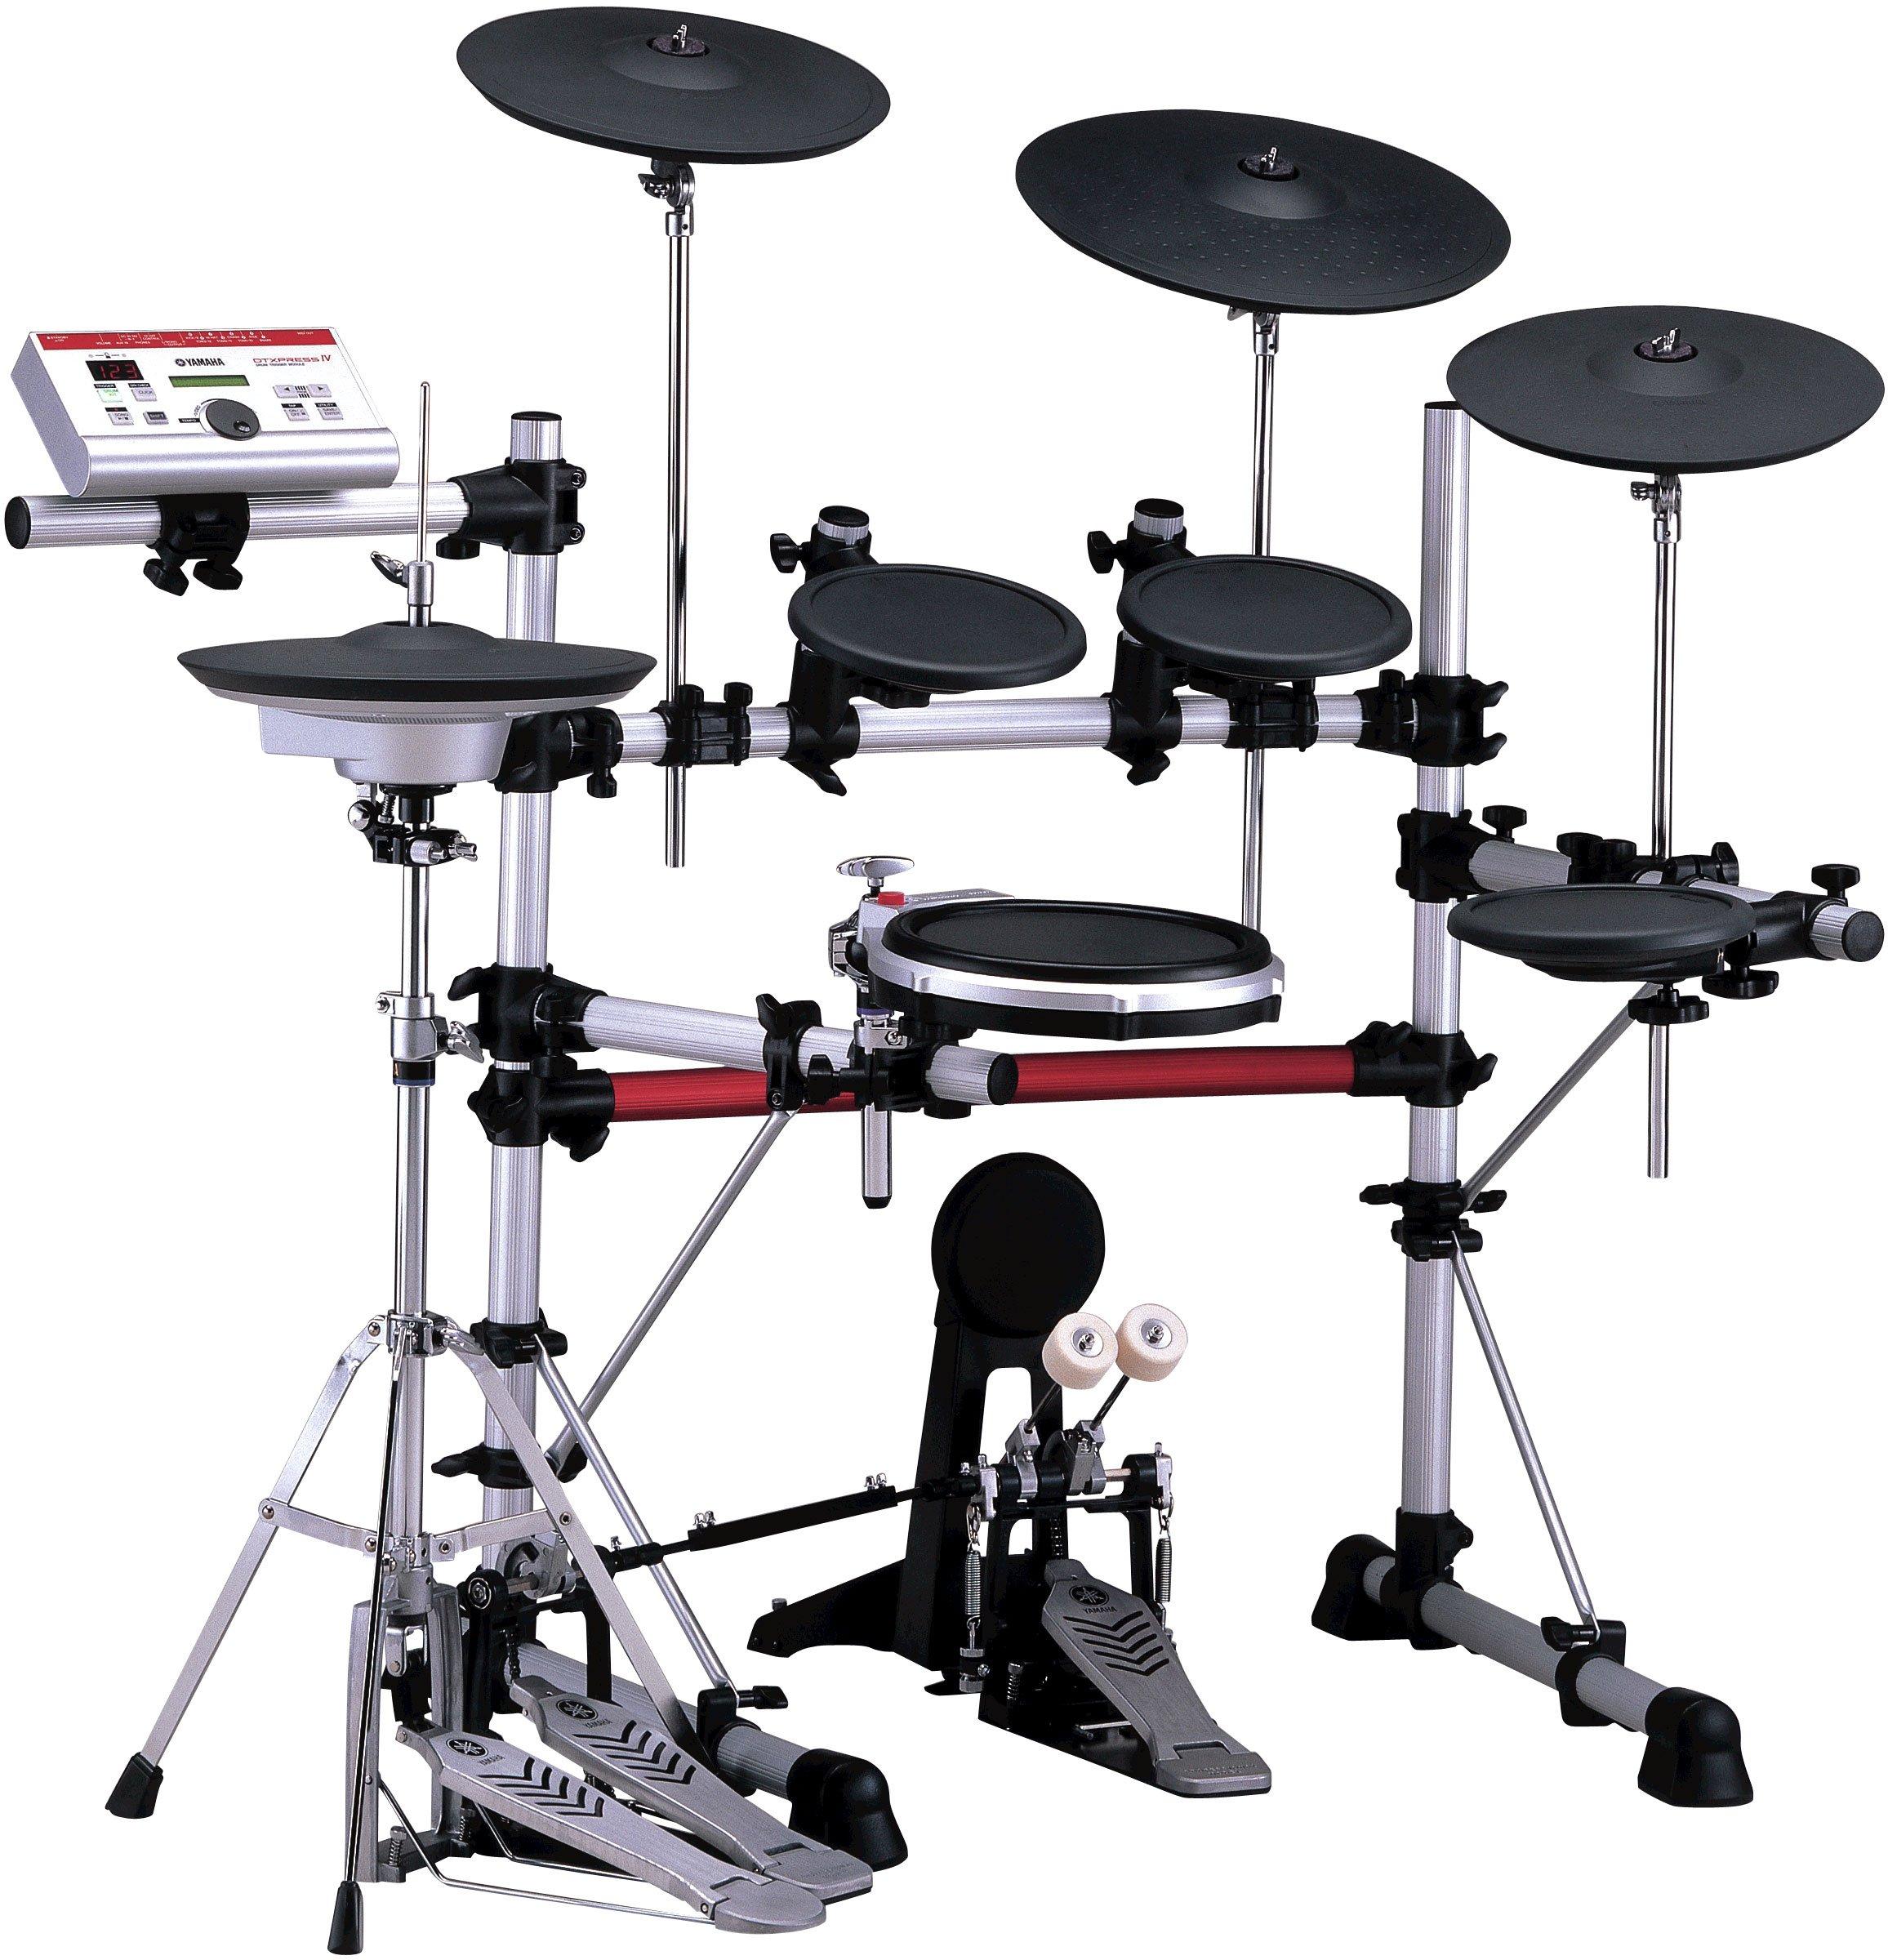 yamaha drums: